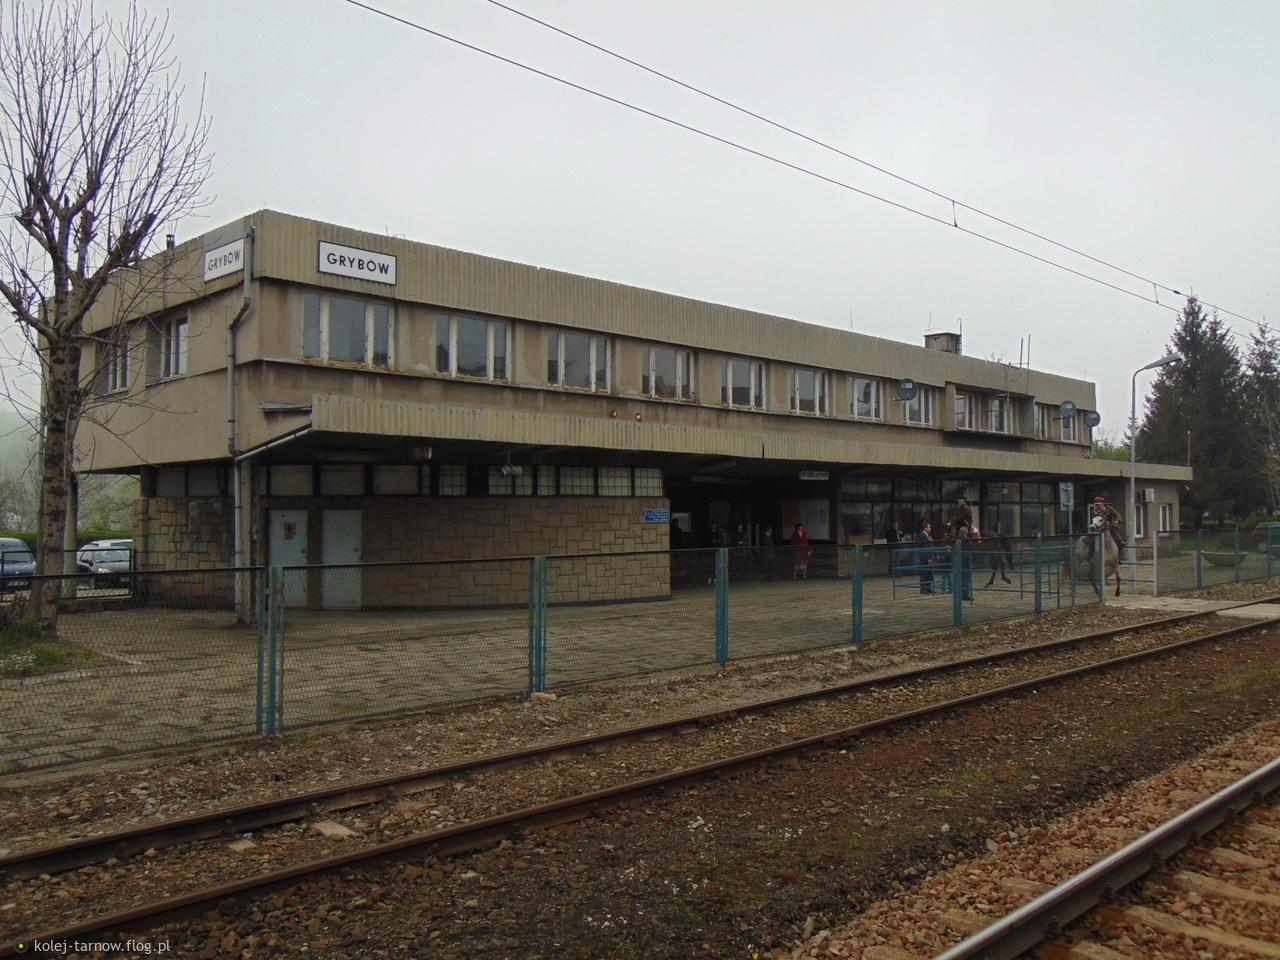 Dworzec kolejowy Grybów